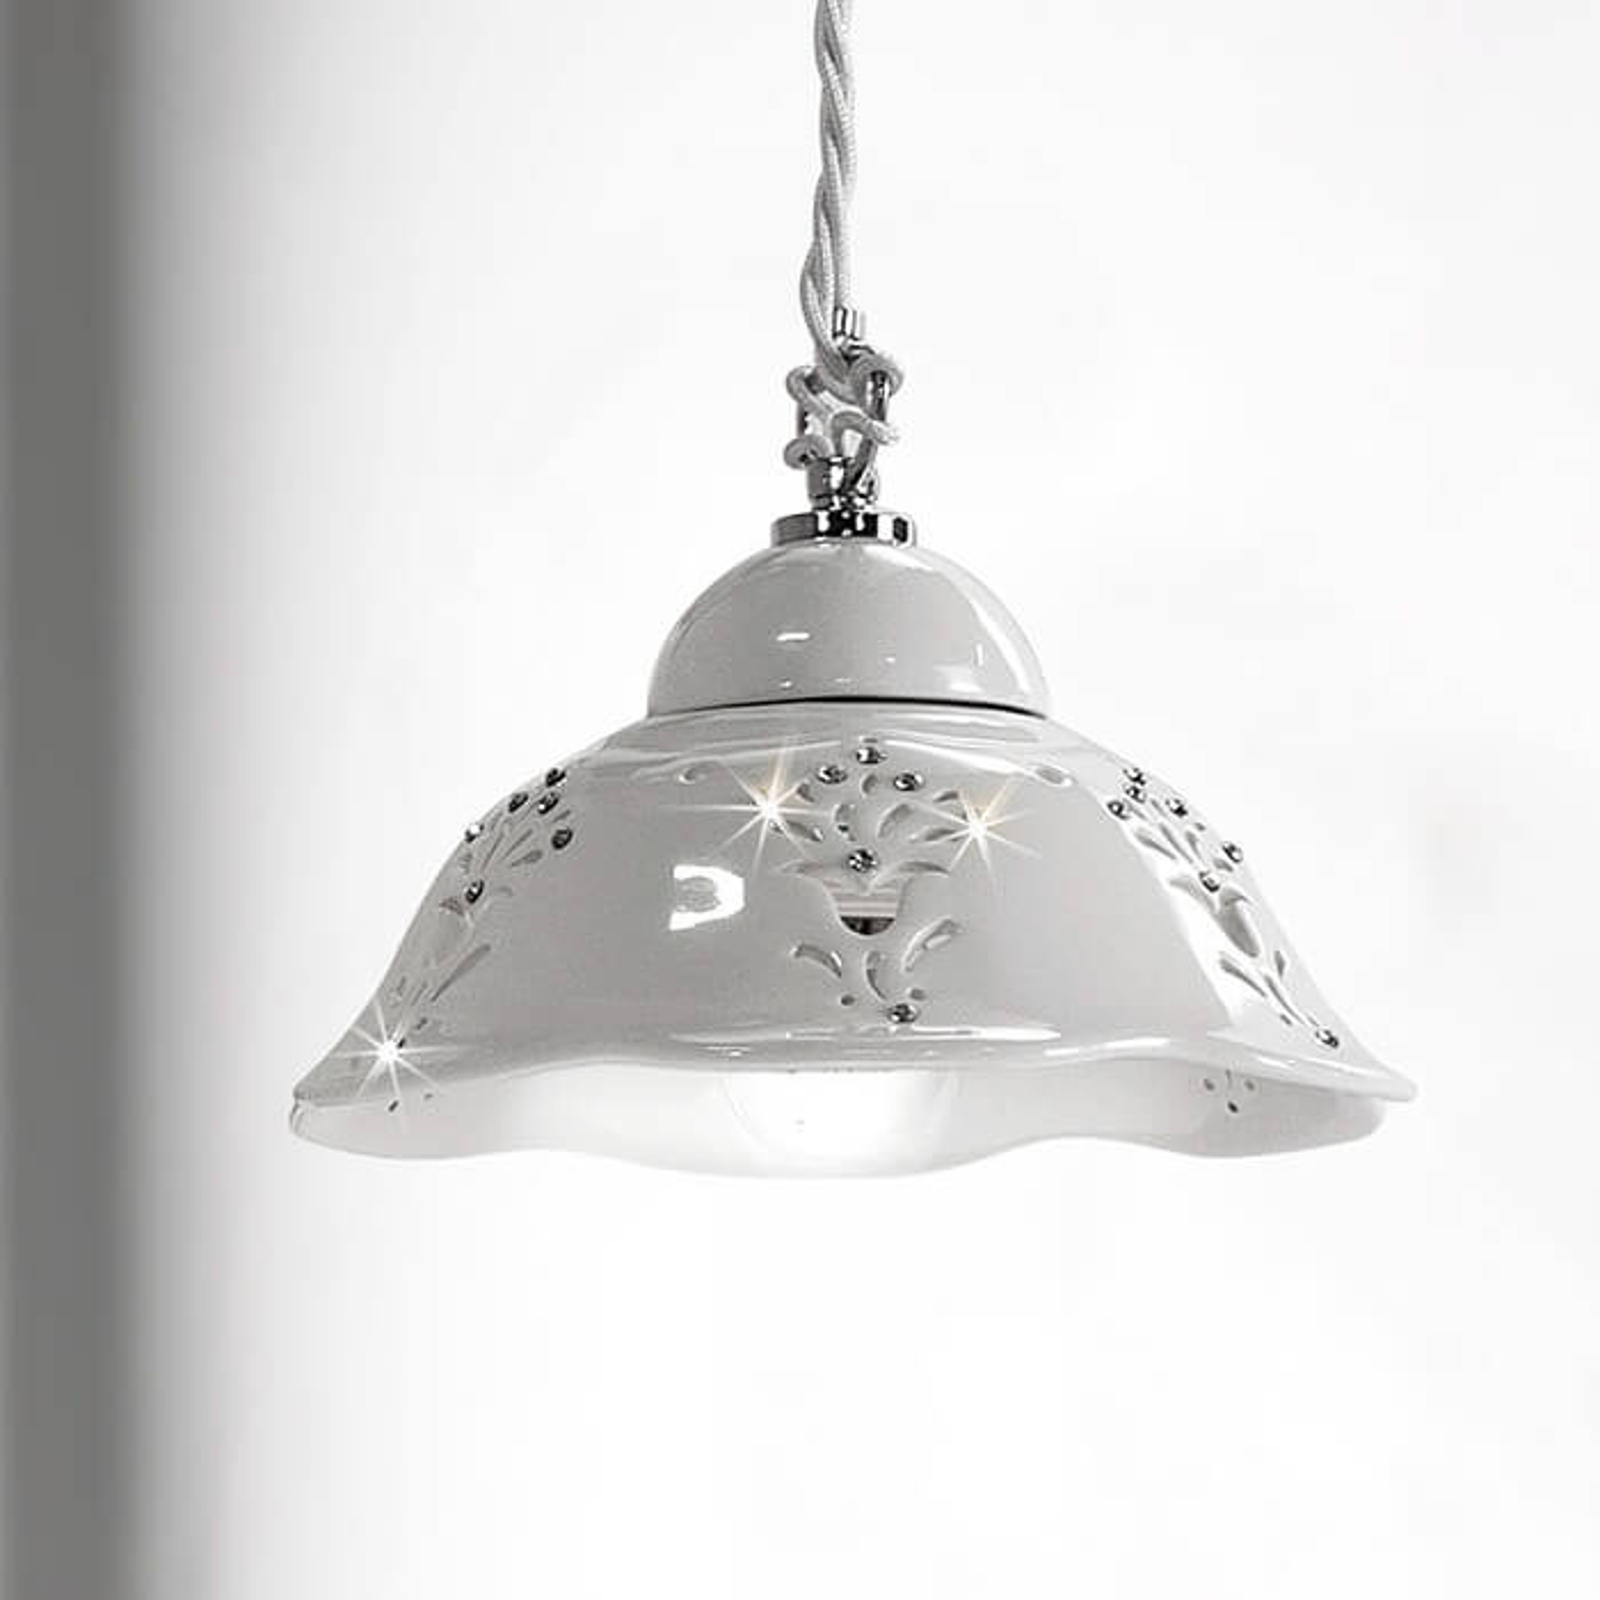 Guiliano hængelampe med keramikskærm, 20,5 cm